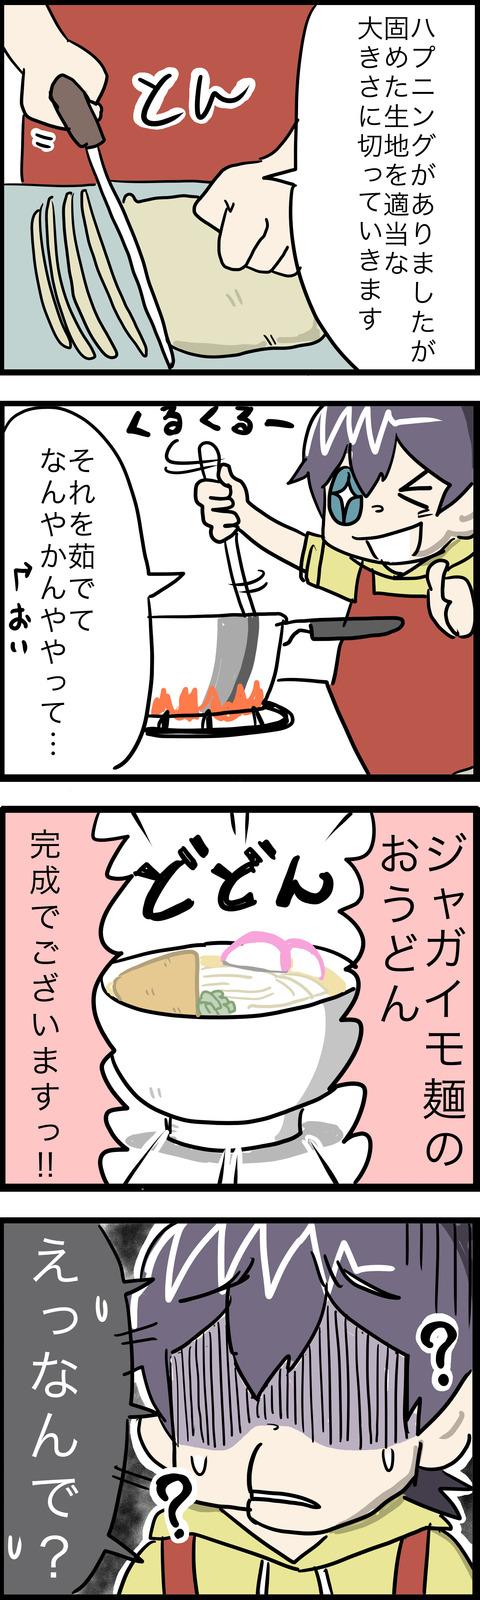 4コマ ニョッキその3